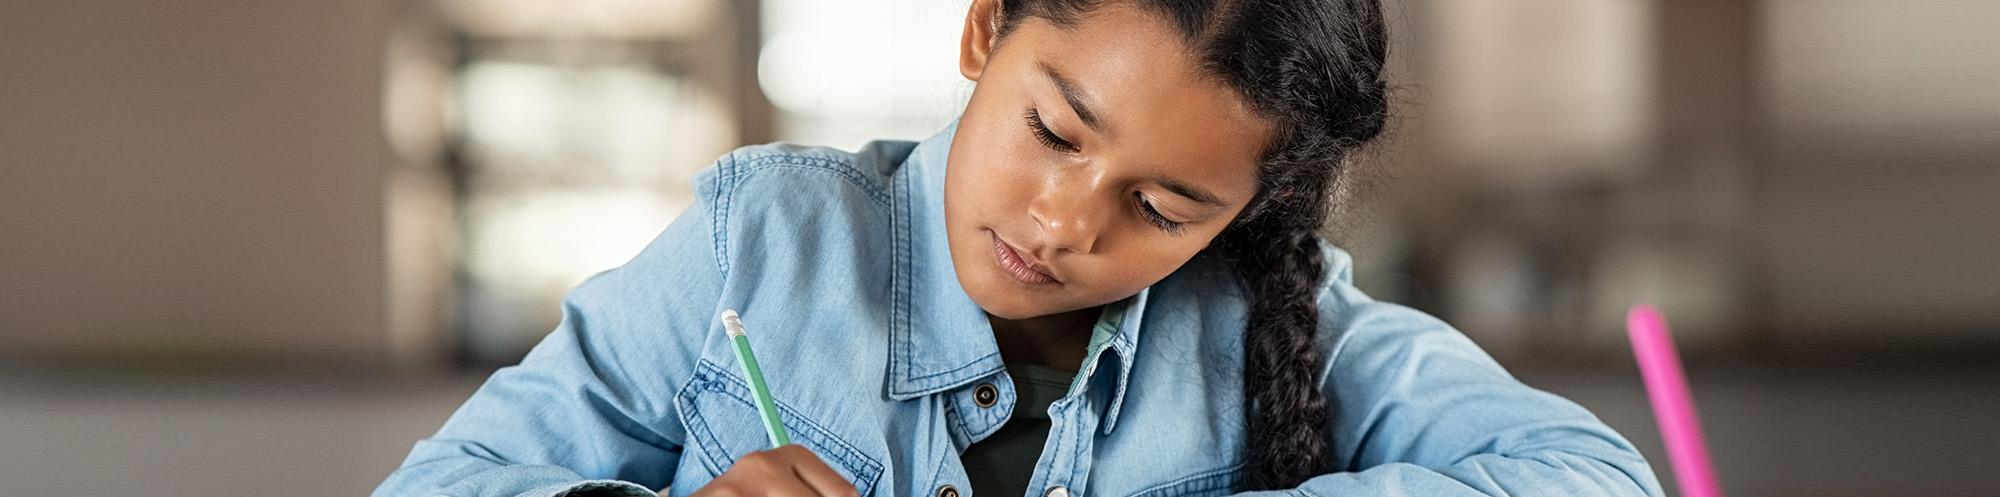 Studious girl doing homework